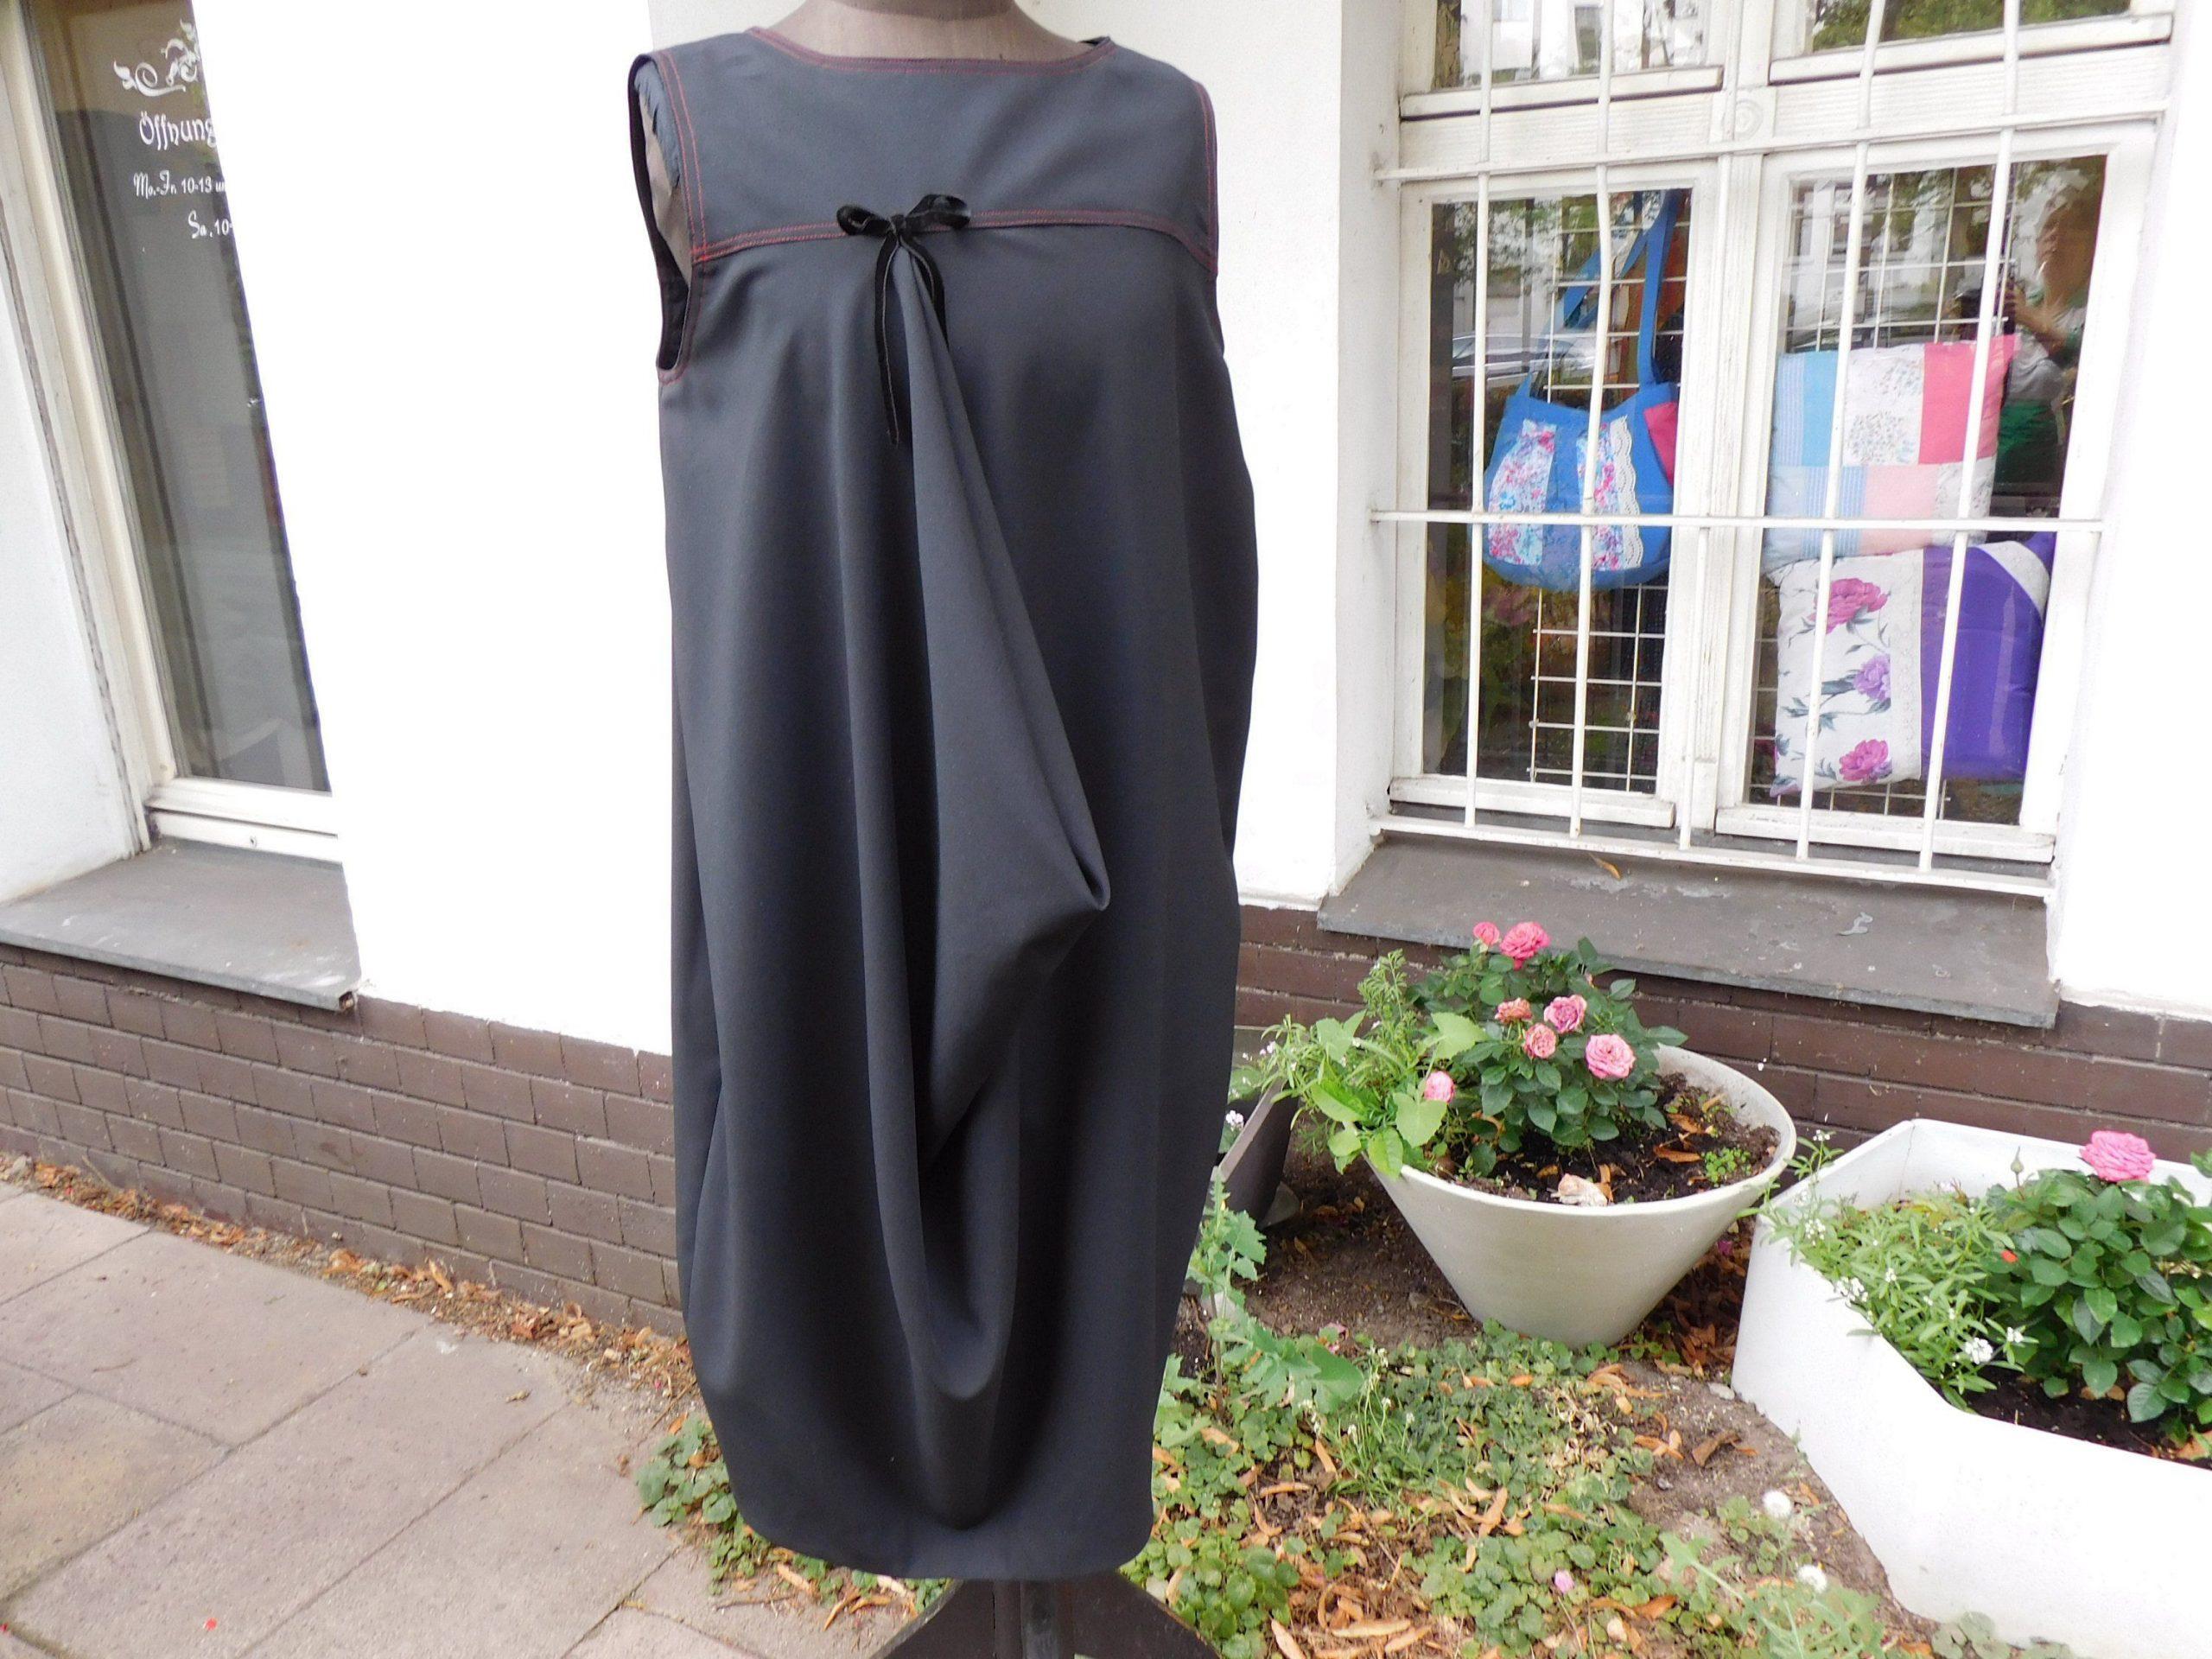 Abend Top Schwarzes Kleid Größe 50 Boutique15 Großartig Schwarzes Kleid Größe 50 Boutique